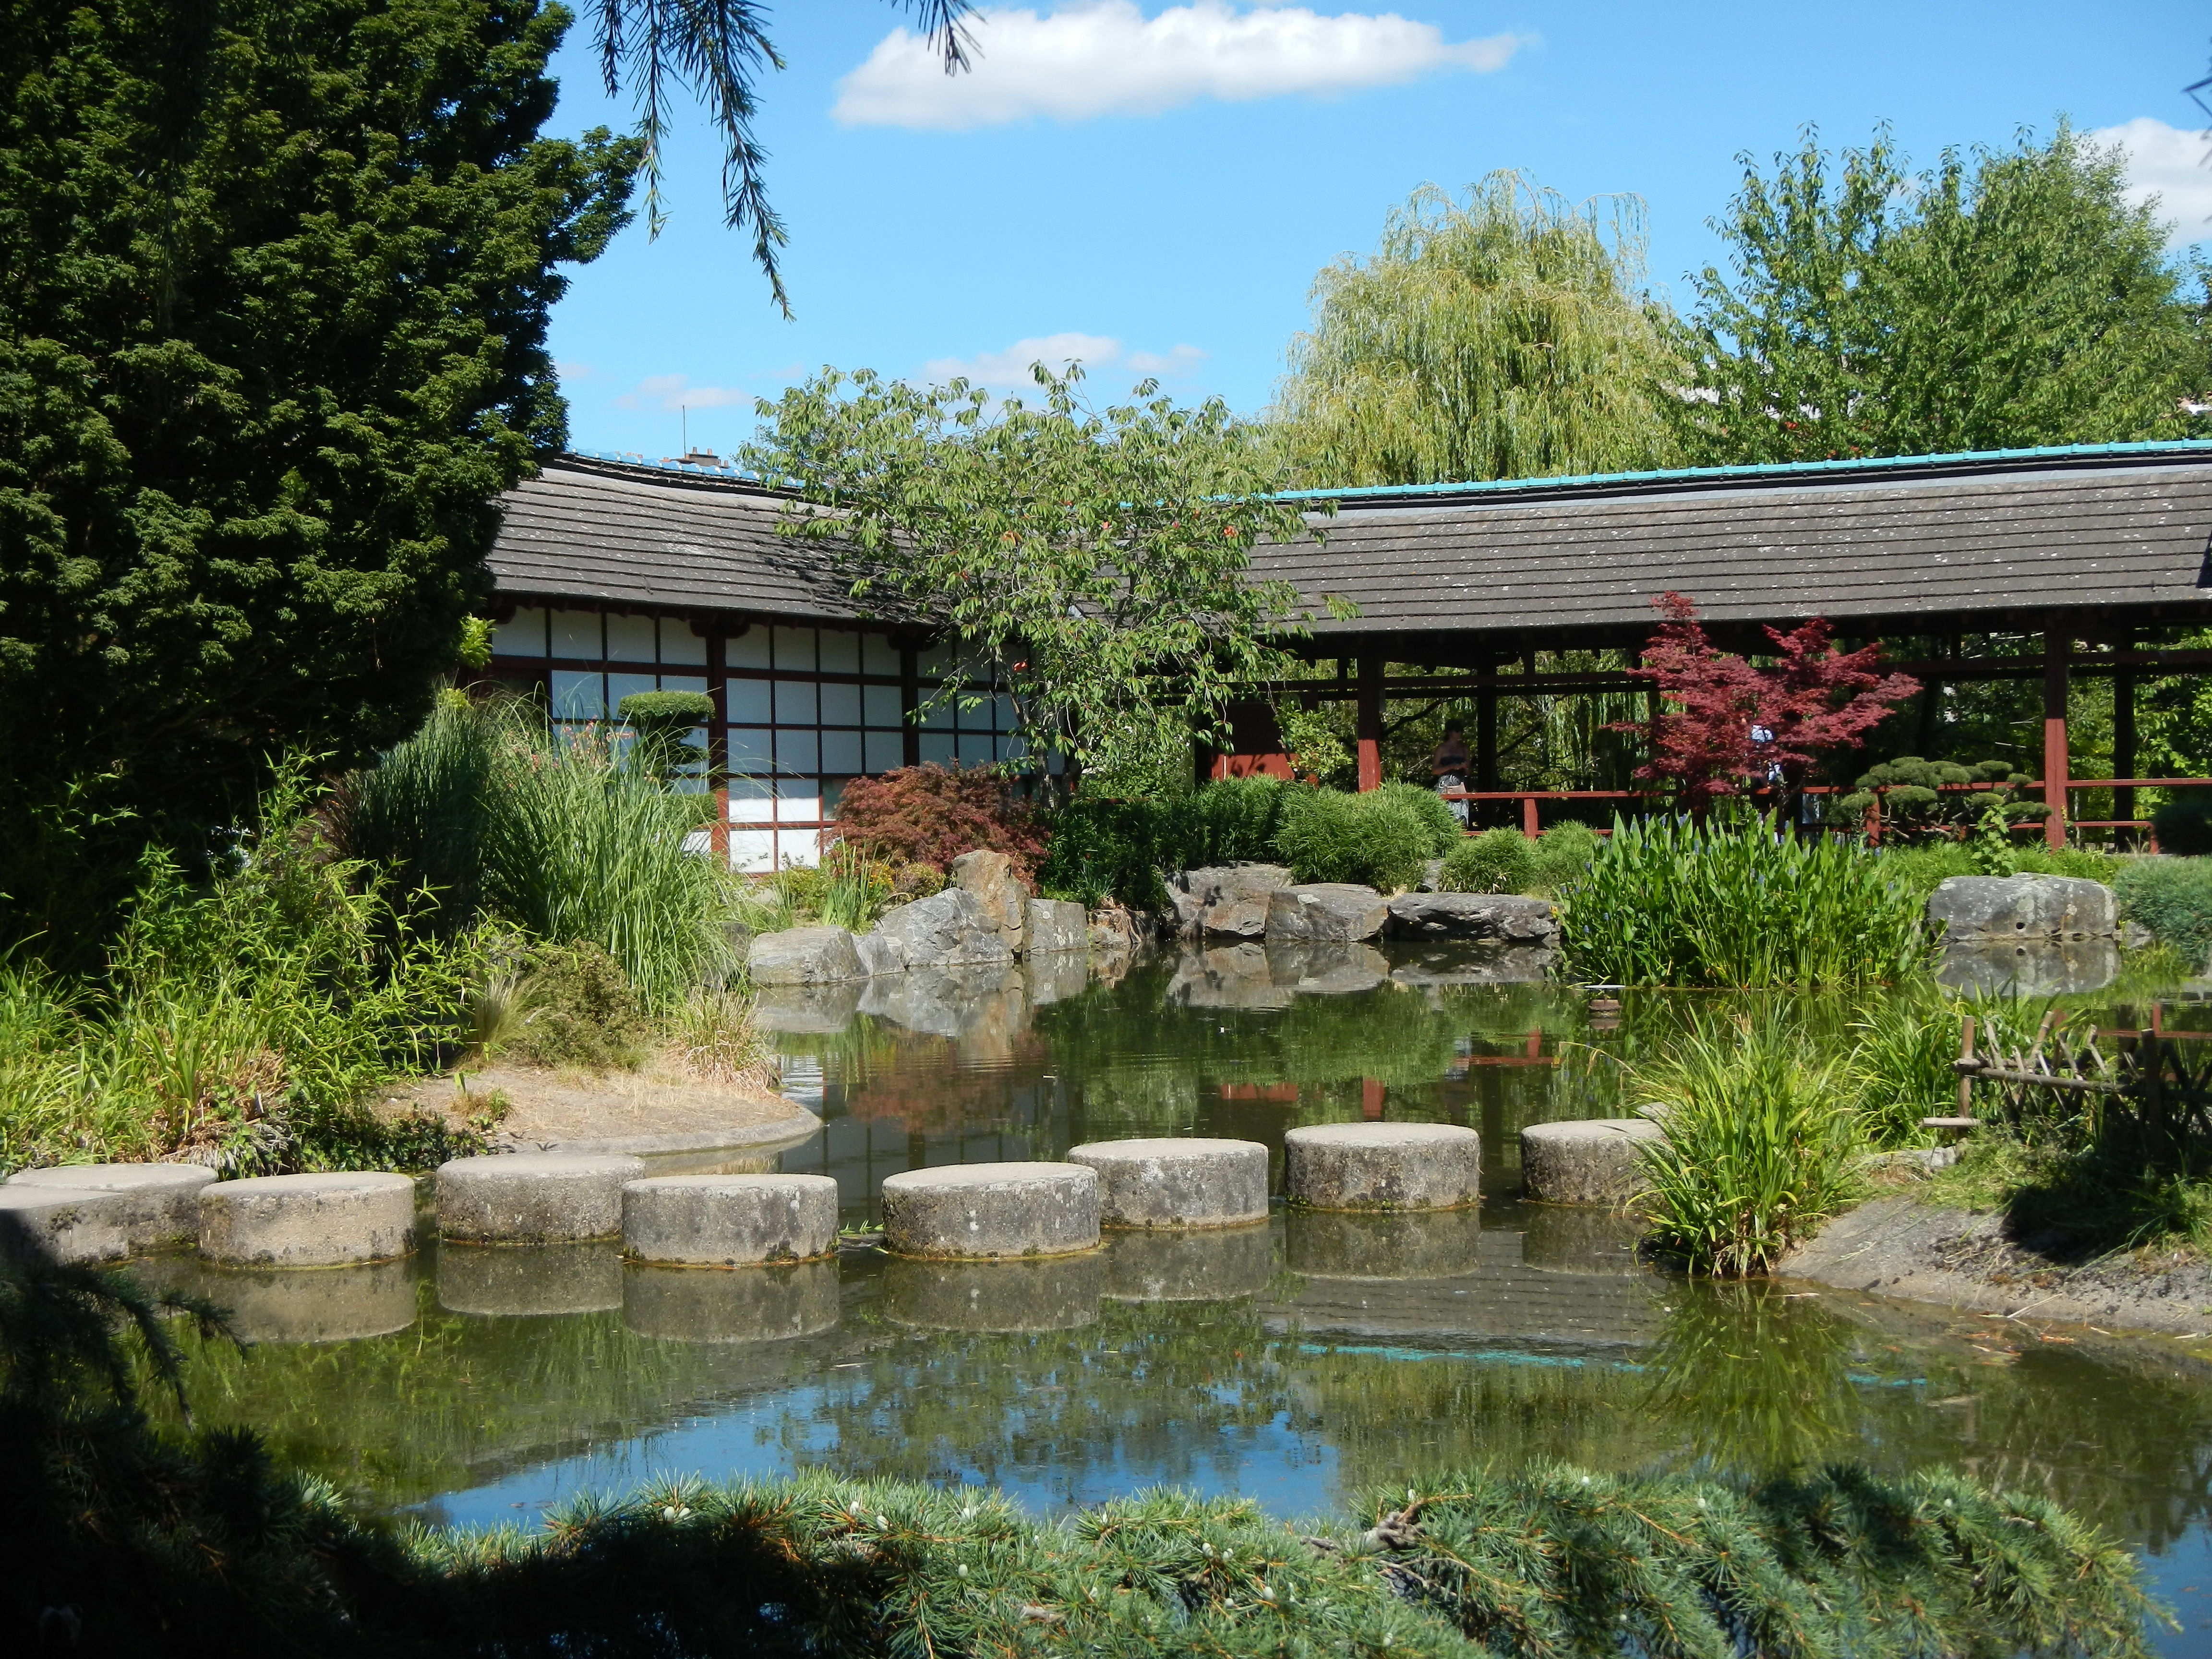 jardin japonais zen maison erdre ile de versailles nantes voyage de vie. Black Bedroom Furniture Sets. Home Design Ideas